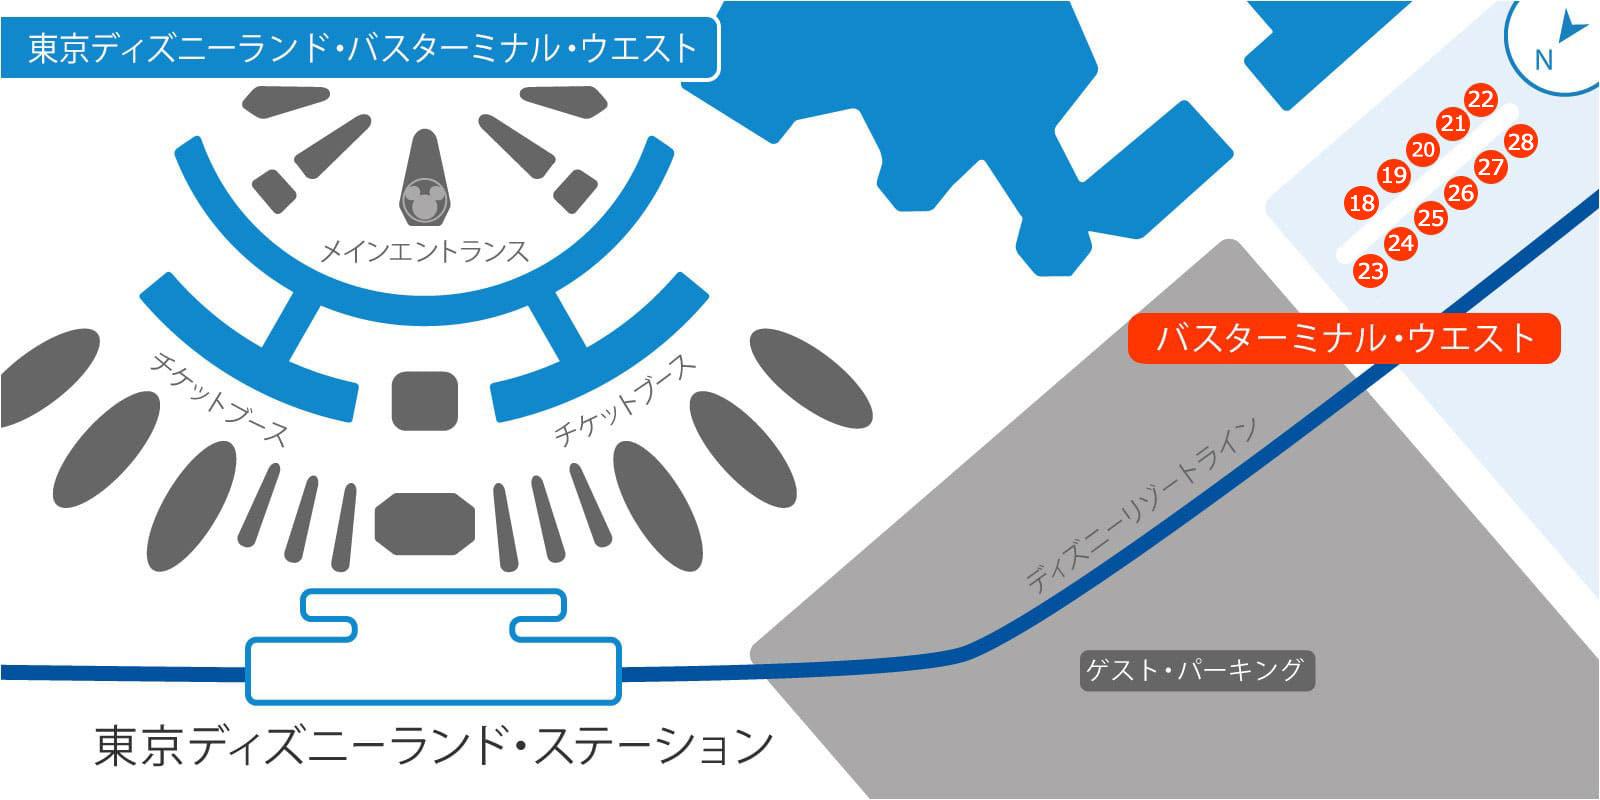 東京ディズニーランド・バス・ターミナルの地図2